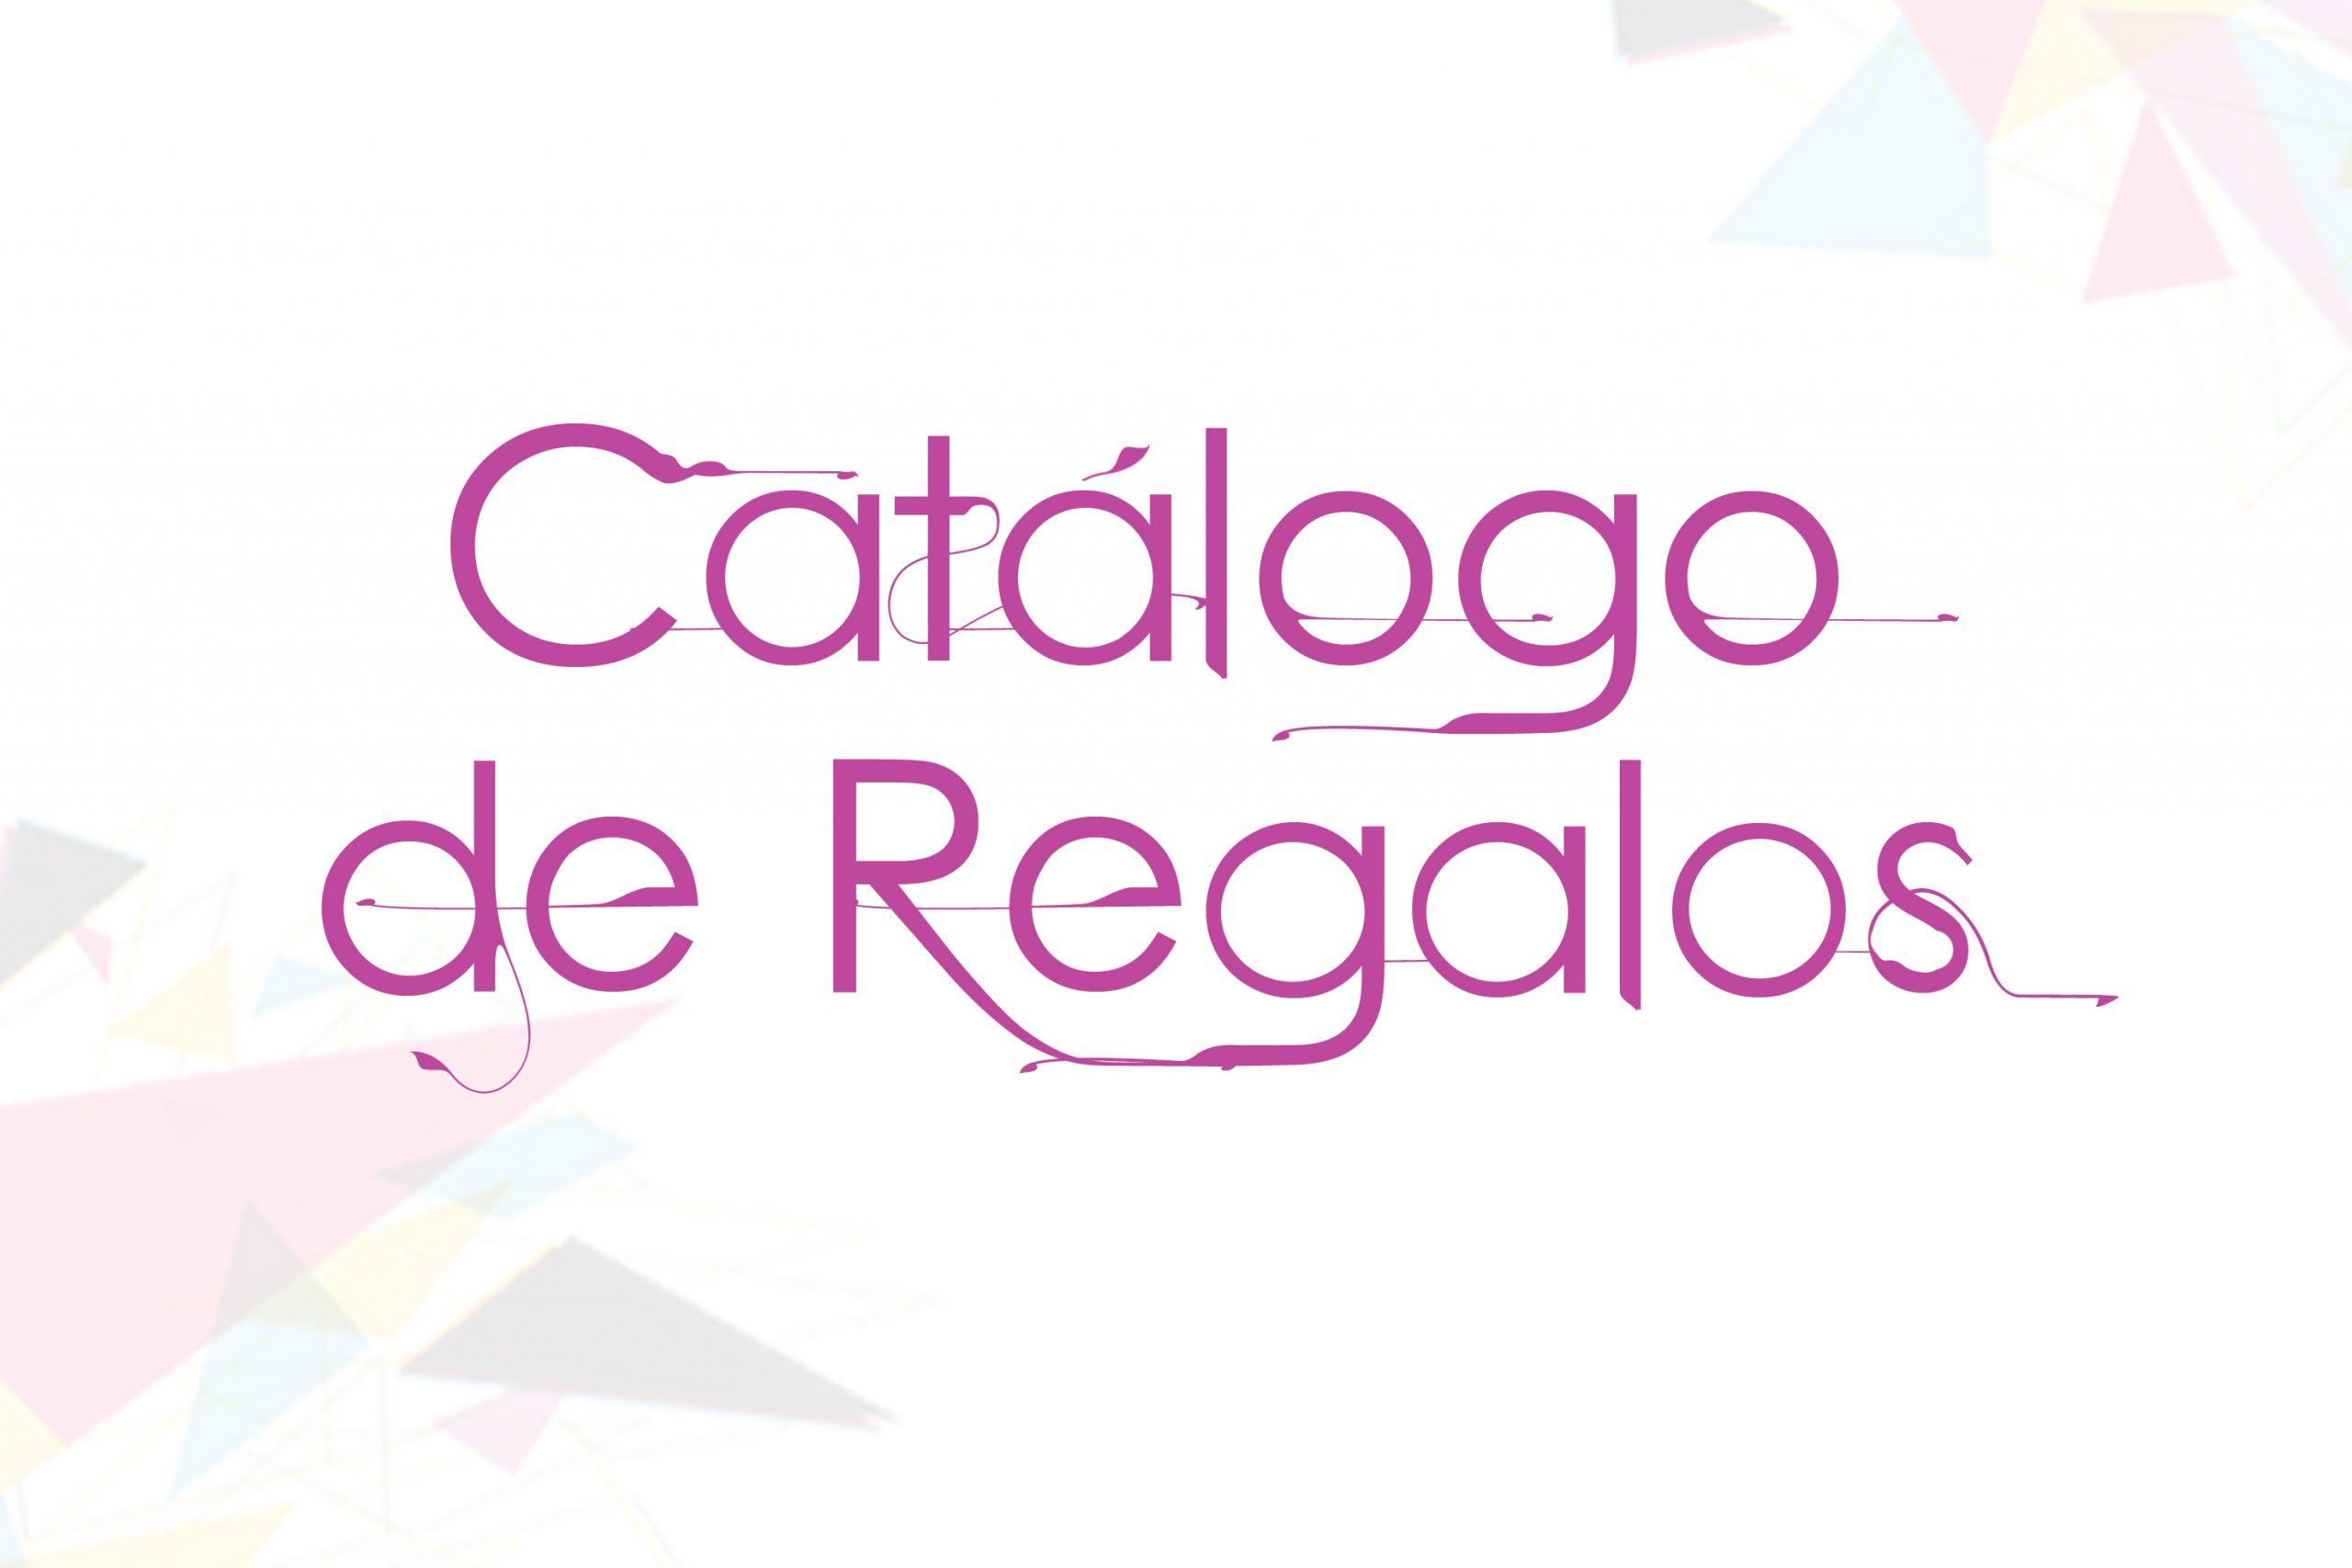 】Merchandising y regalos publicitarios. El más amplio catálogo de productos al mejor precio y personalizados.